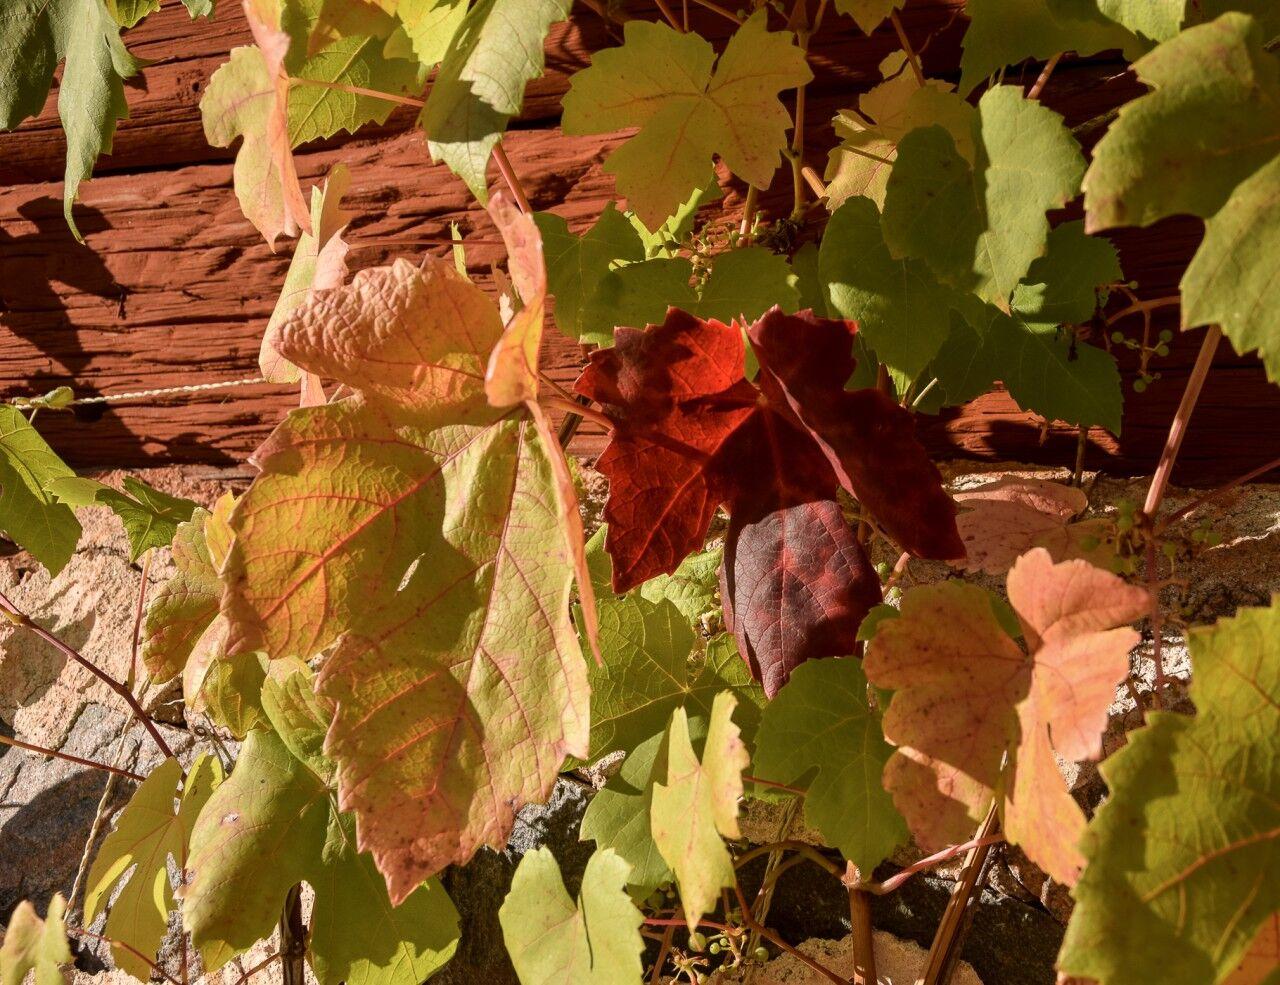 Snart har vinrankorna tappat sina vackra löv. Druvorna åt småfåglarna upp i år.